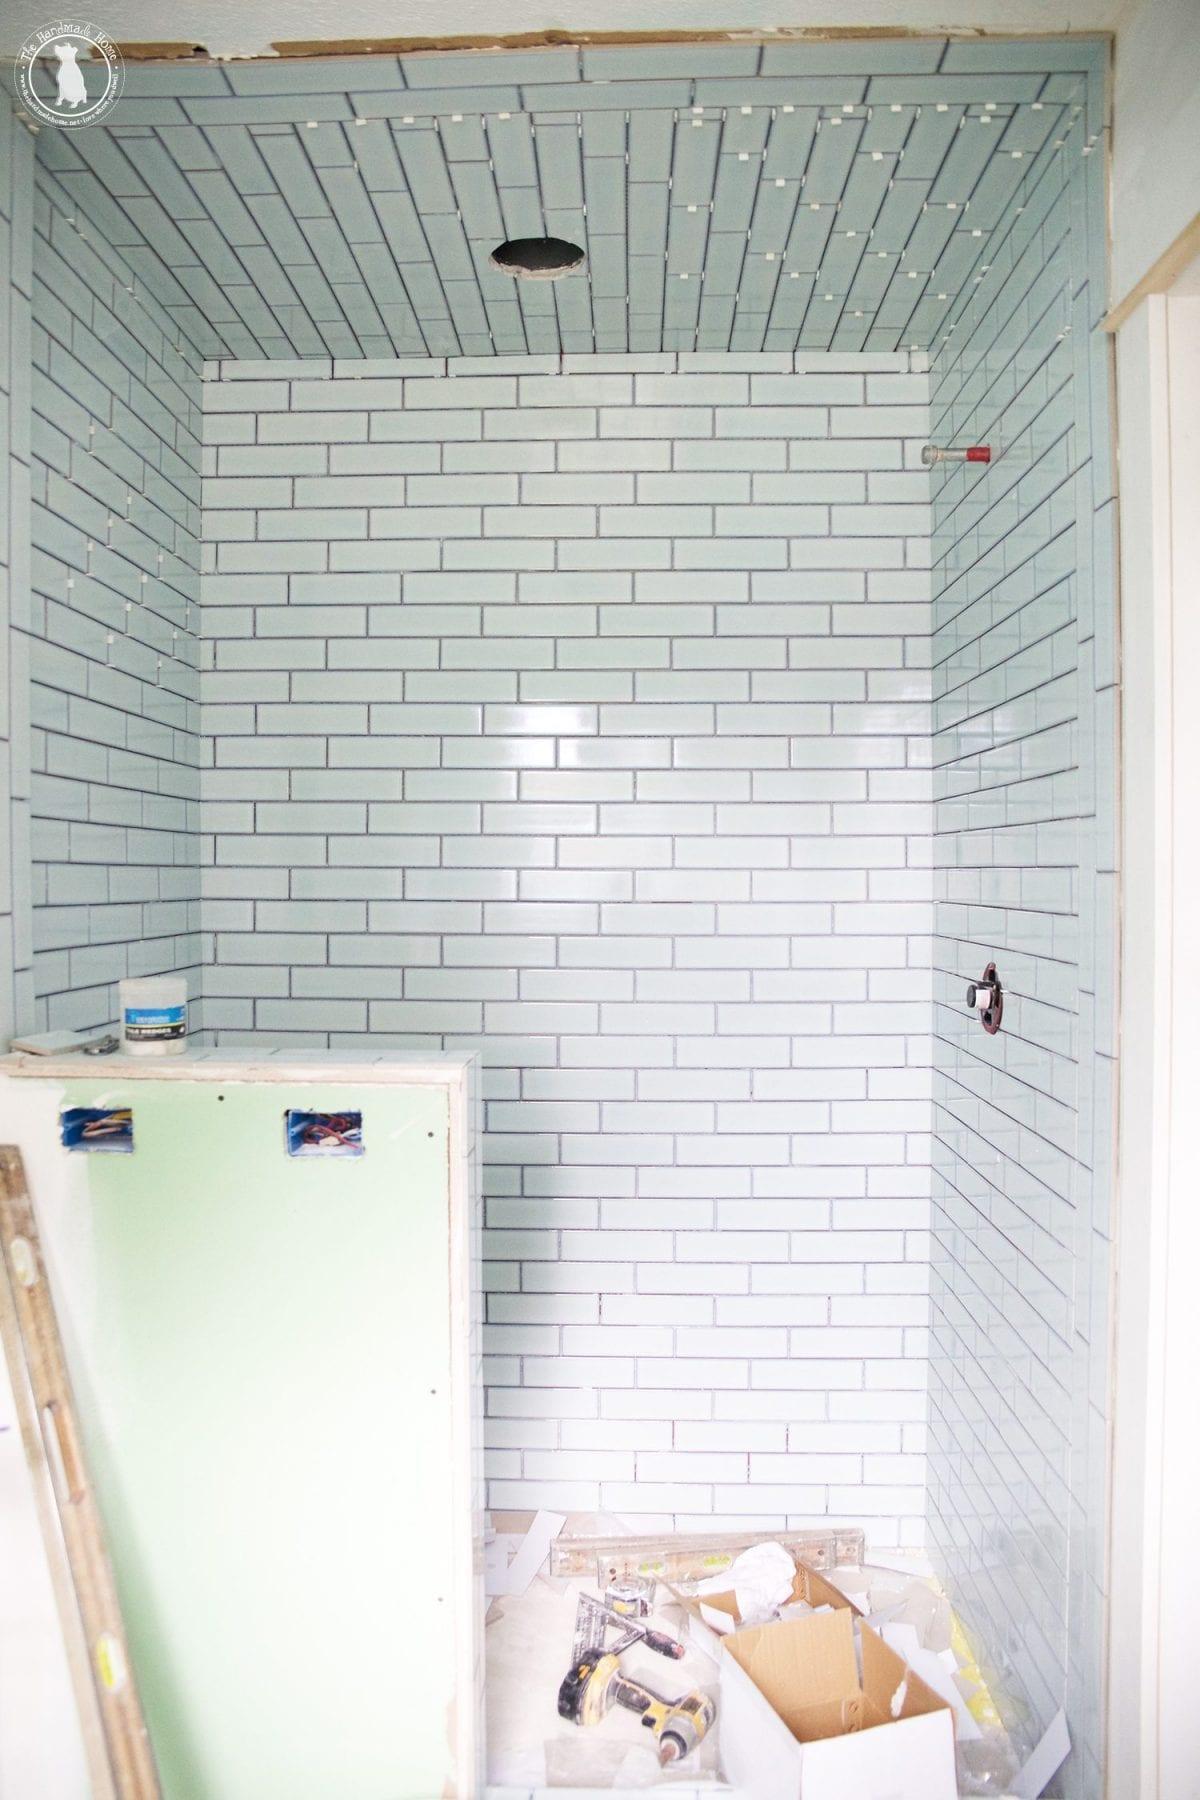 bricktilebathroom-copy